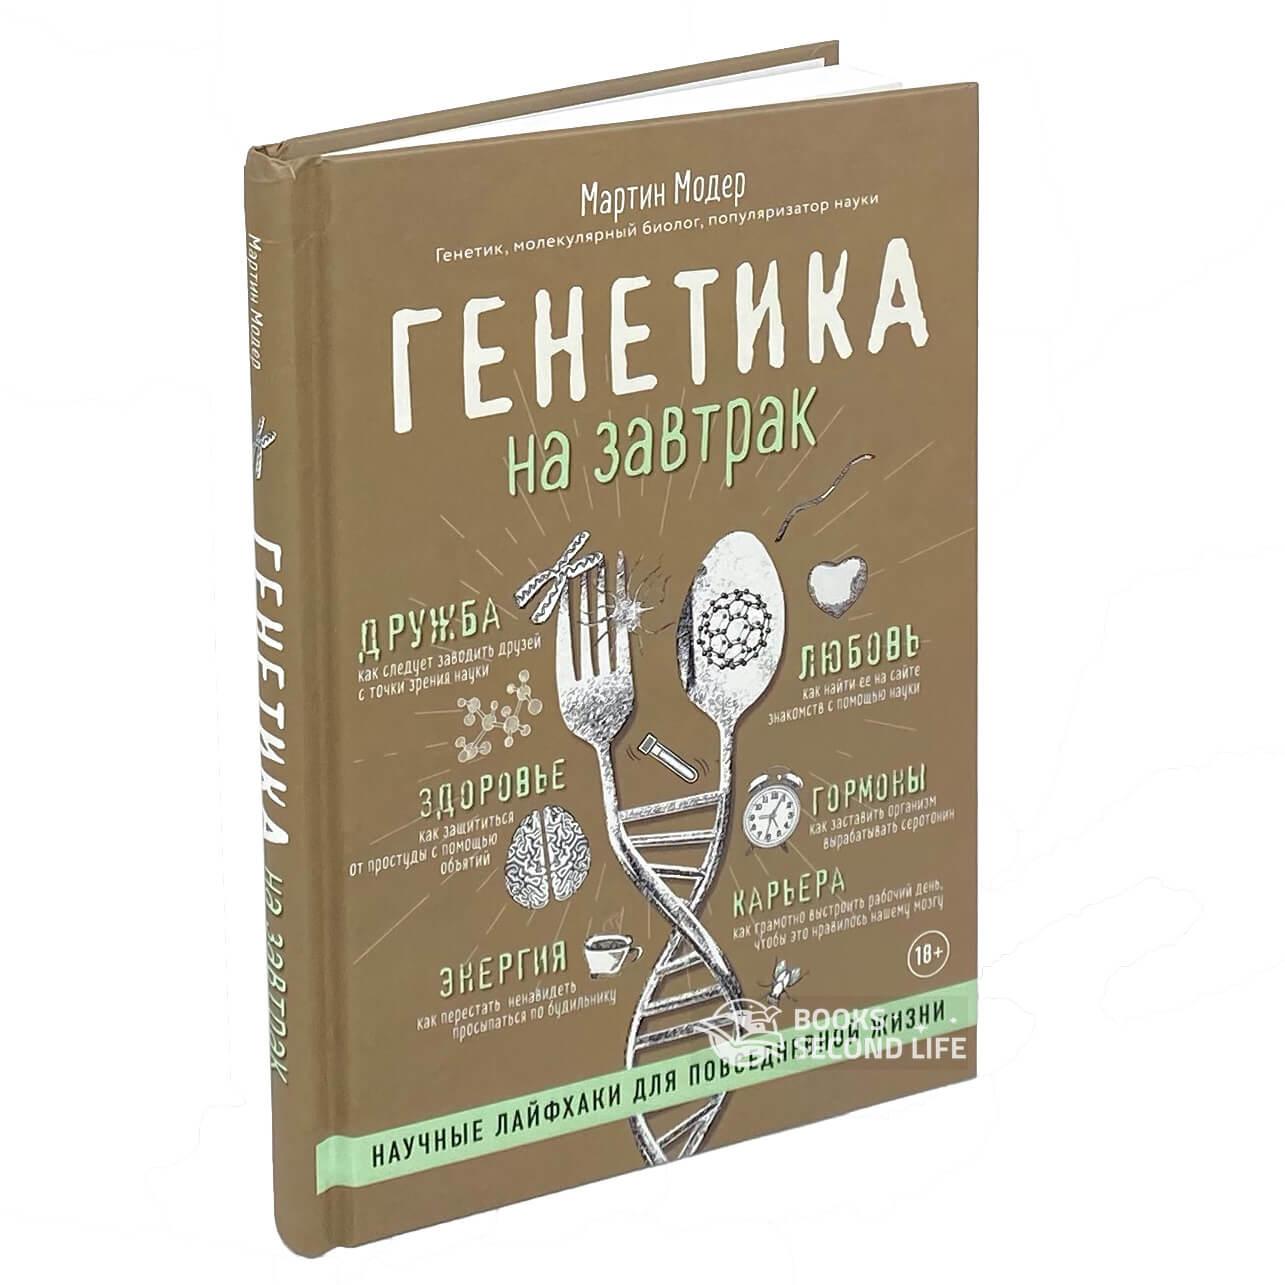 Генетика на завтрак. Научные лайфхаки для повседневной жизни. Автор — Мартин Модер.